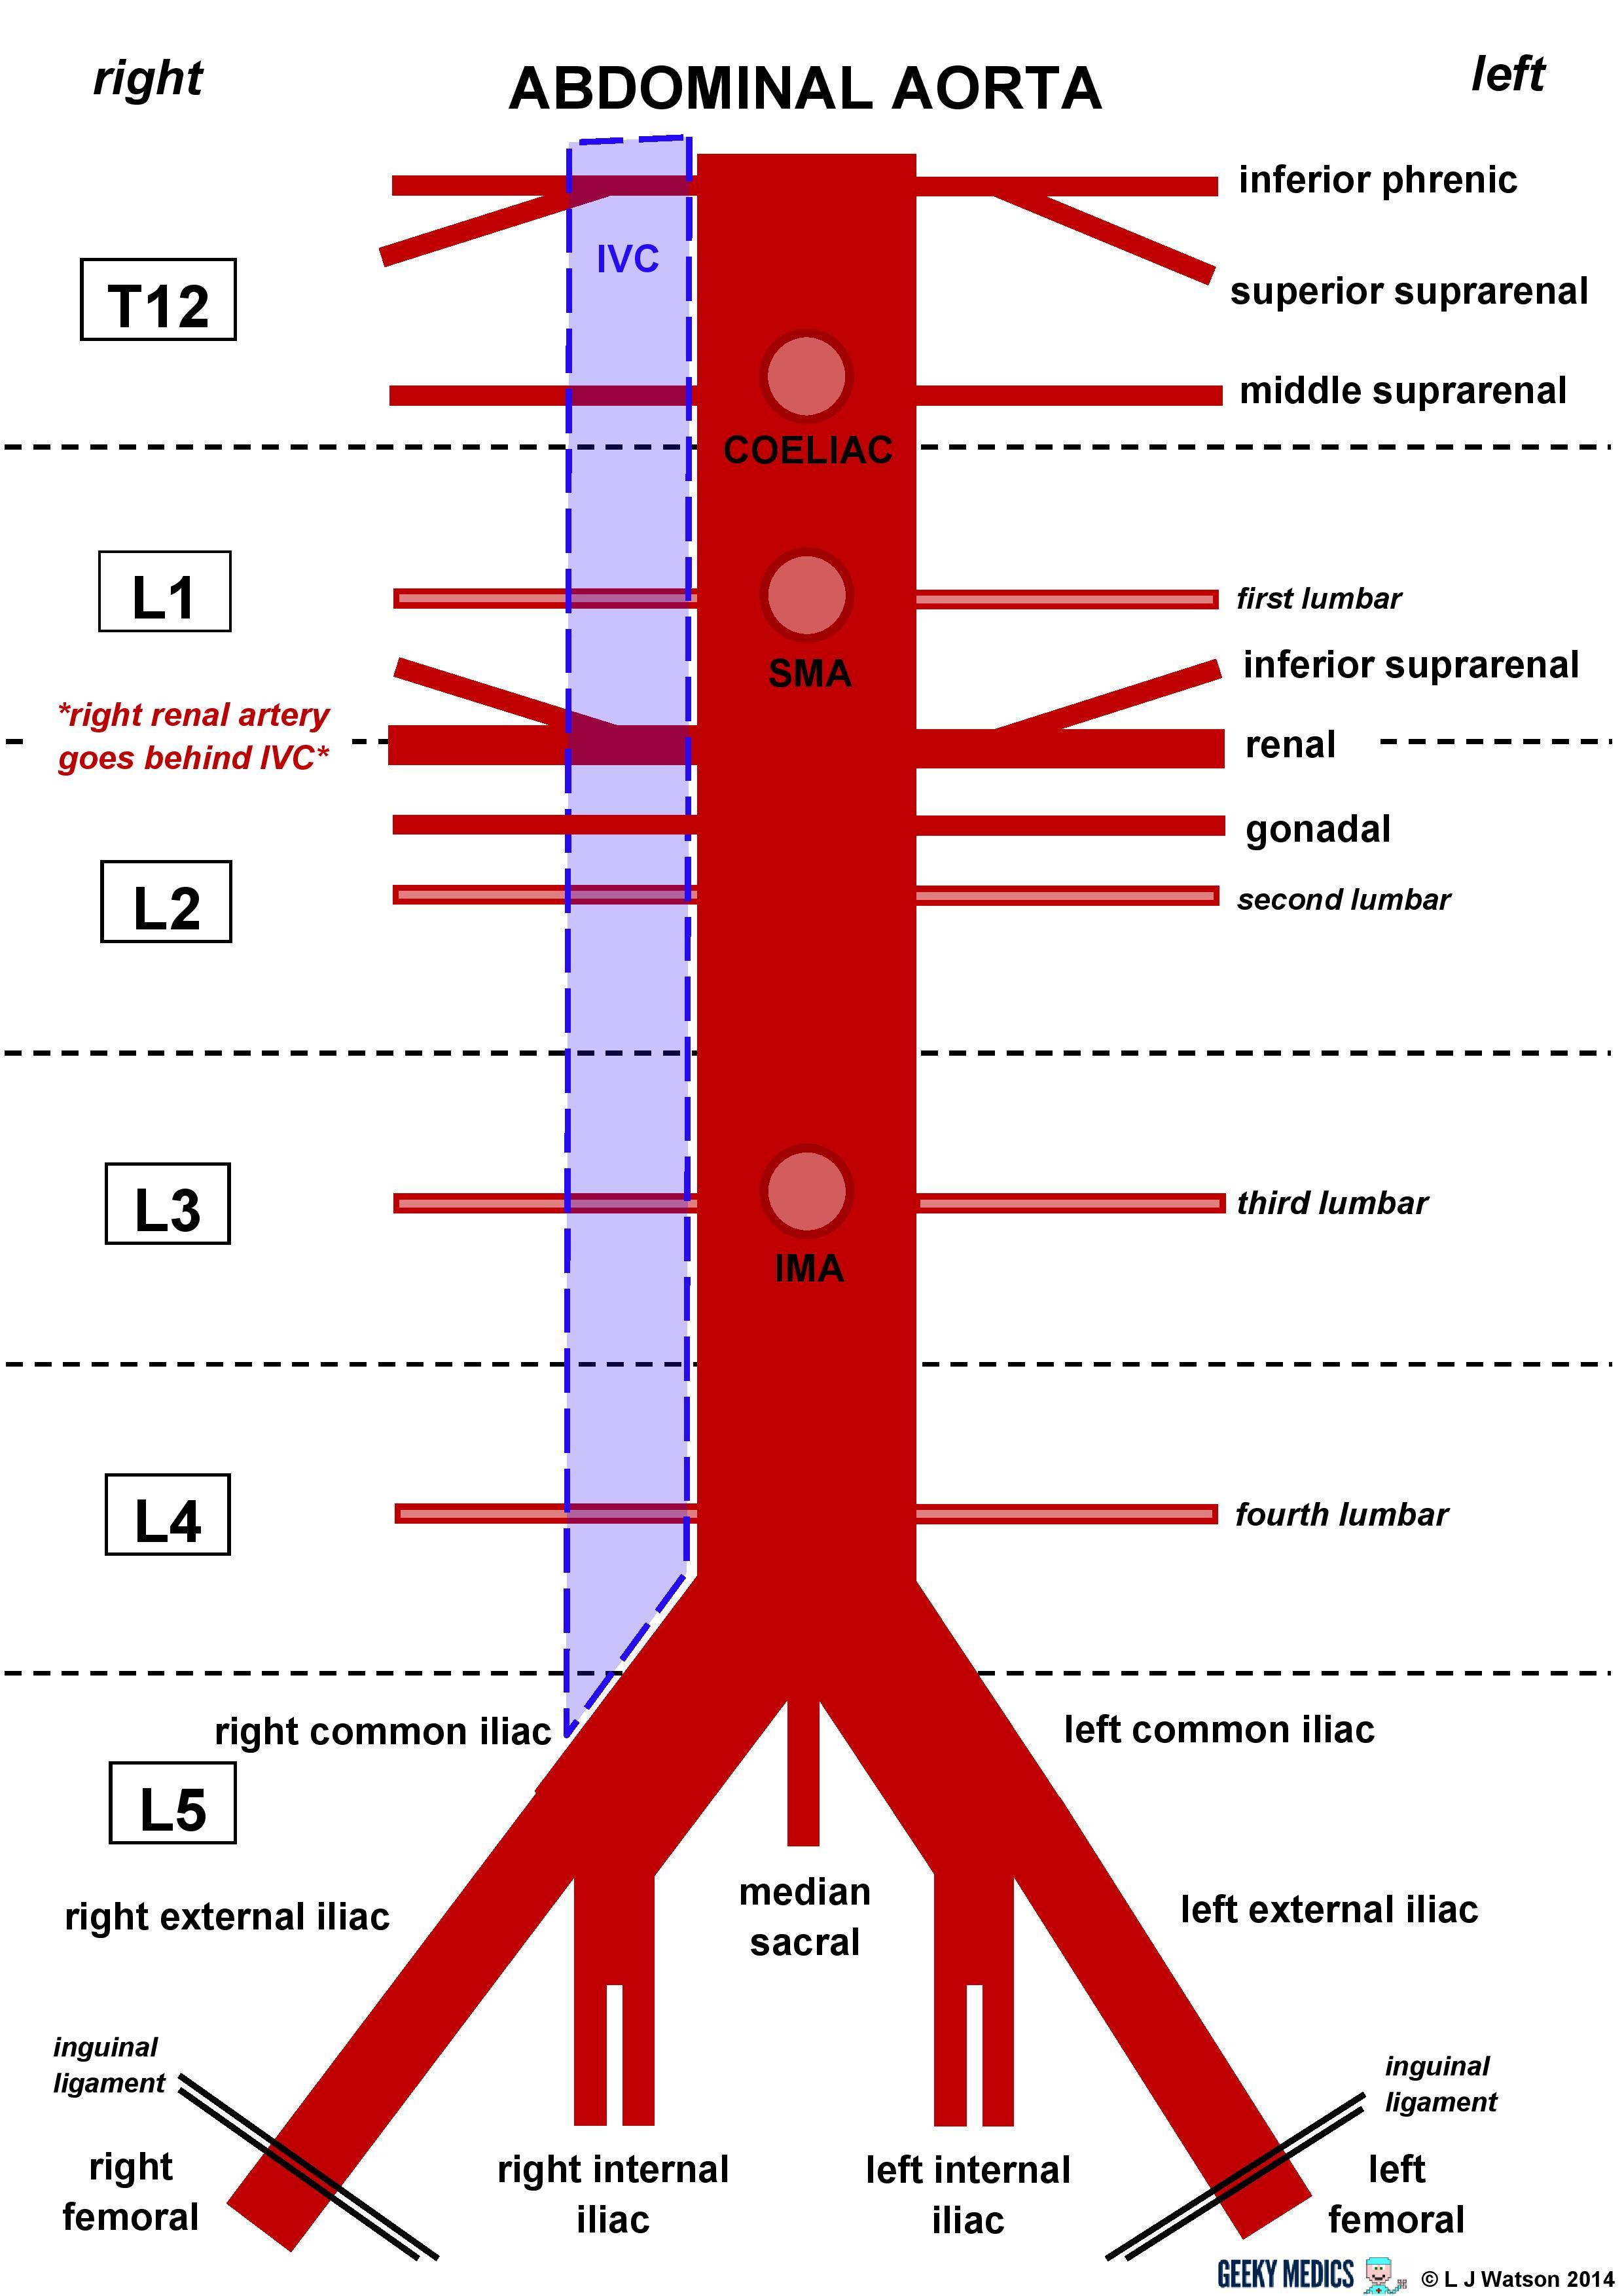 Abdominal Aorta